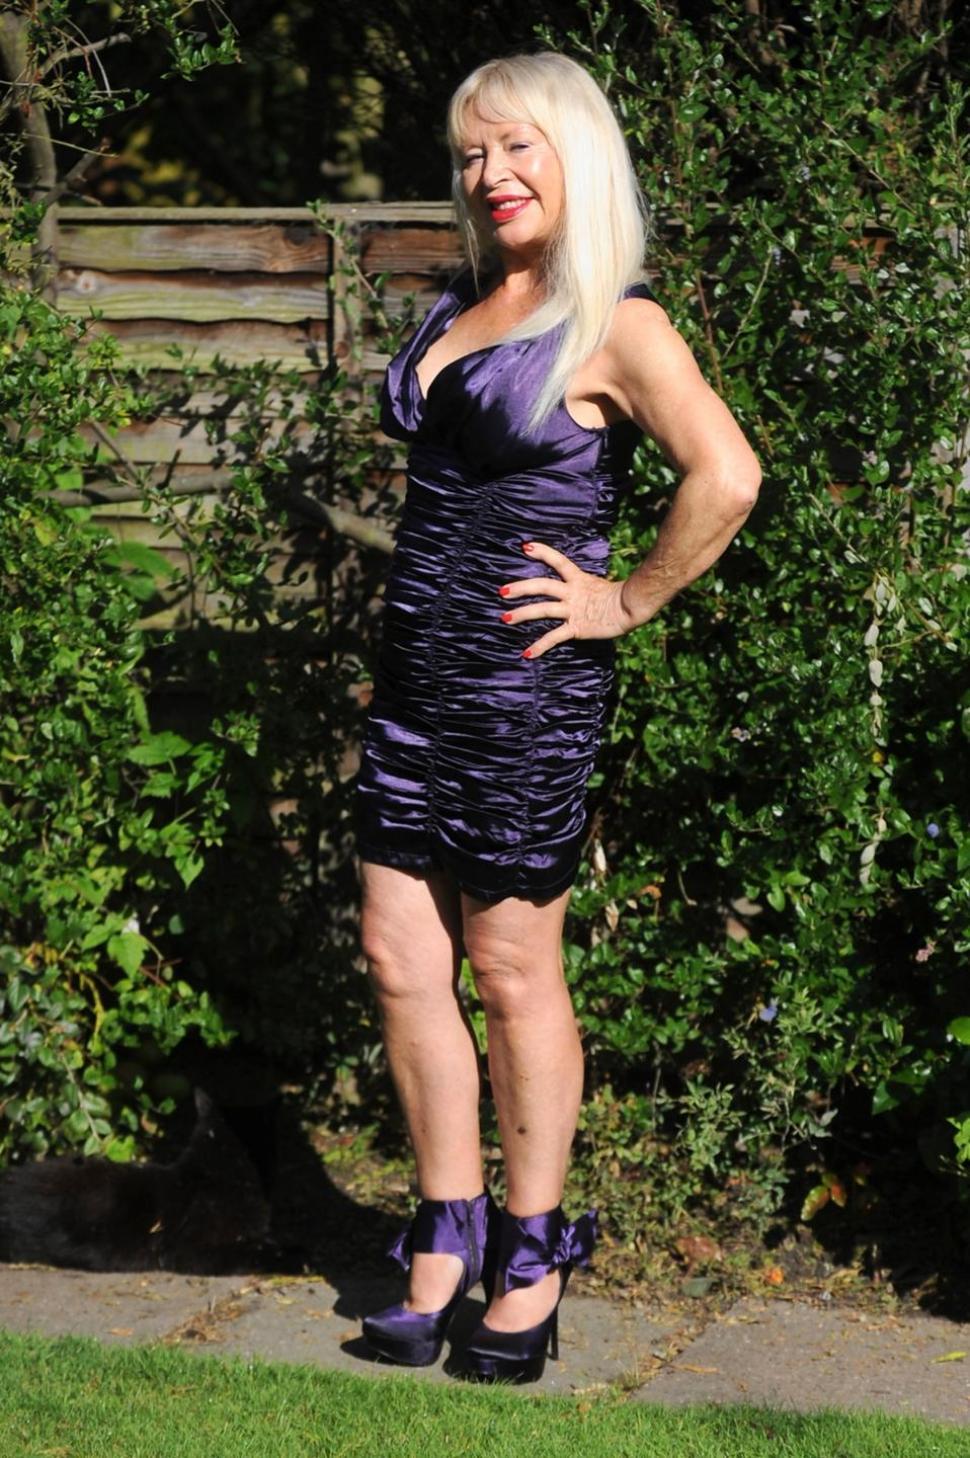 Фотография 40 летней женщины 6 фотография